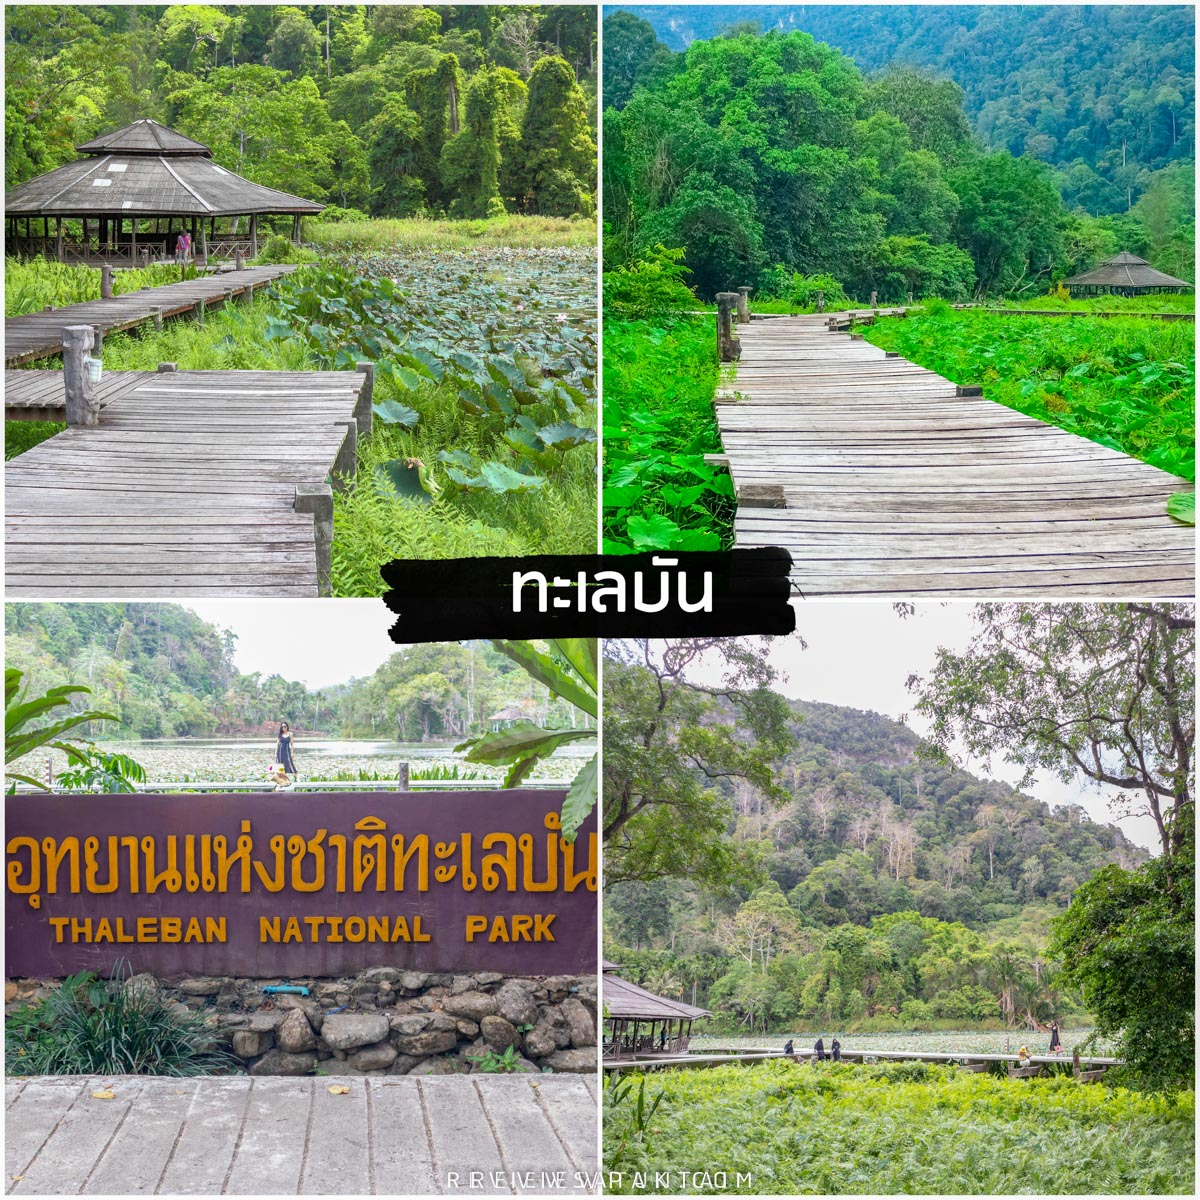 ทะเลบัน-จุดชมธรรมชาติของภาคใต้ที่กว้างใหญ่และไปชมบึงบัวกันได้เลย-รายละเอียด-คลิก  จุดเช็คอิน,หลีเป๊ะ,สตูลสดยกกำลังสาม,satunwonderland,เที่ยวเมืองไทยAmazingกว่าเดิม,ชีพจรลงSouth